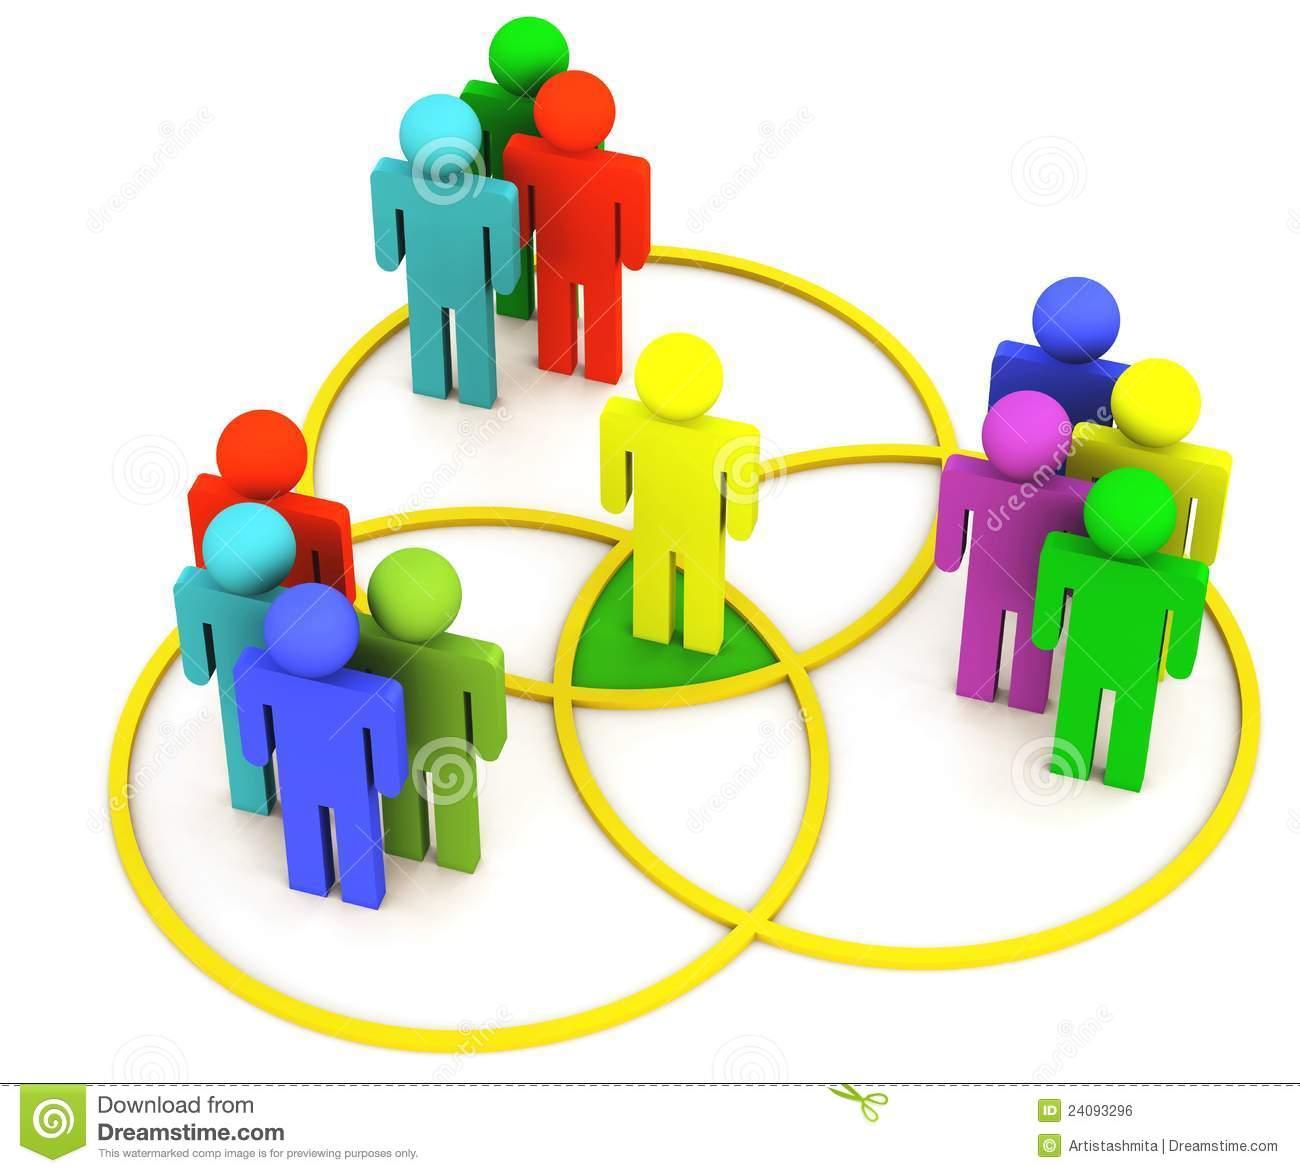 Eulero on feedyeti diagrama del venn que solapa 24093296 feedyeti ccuart Choice Image